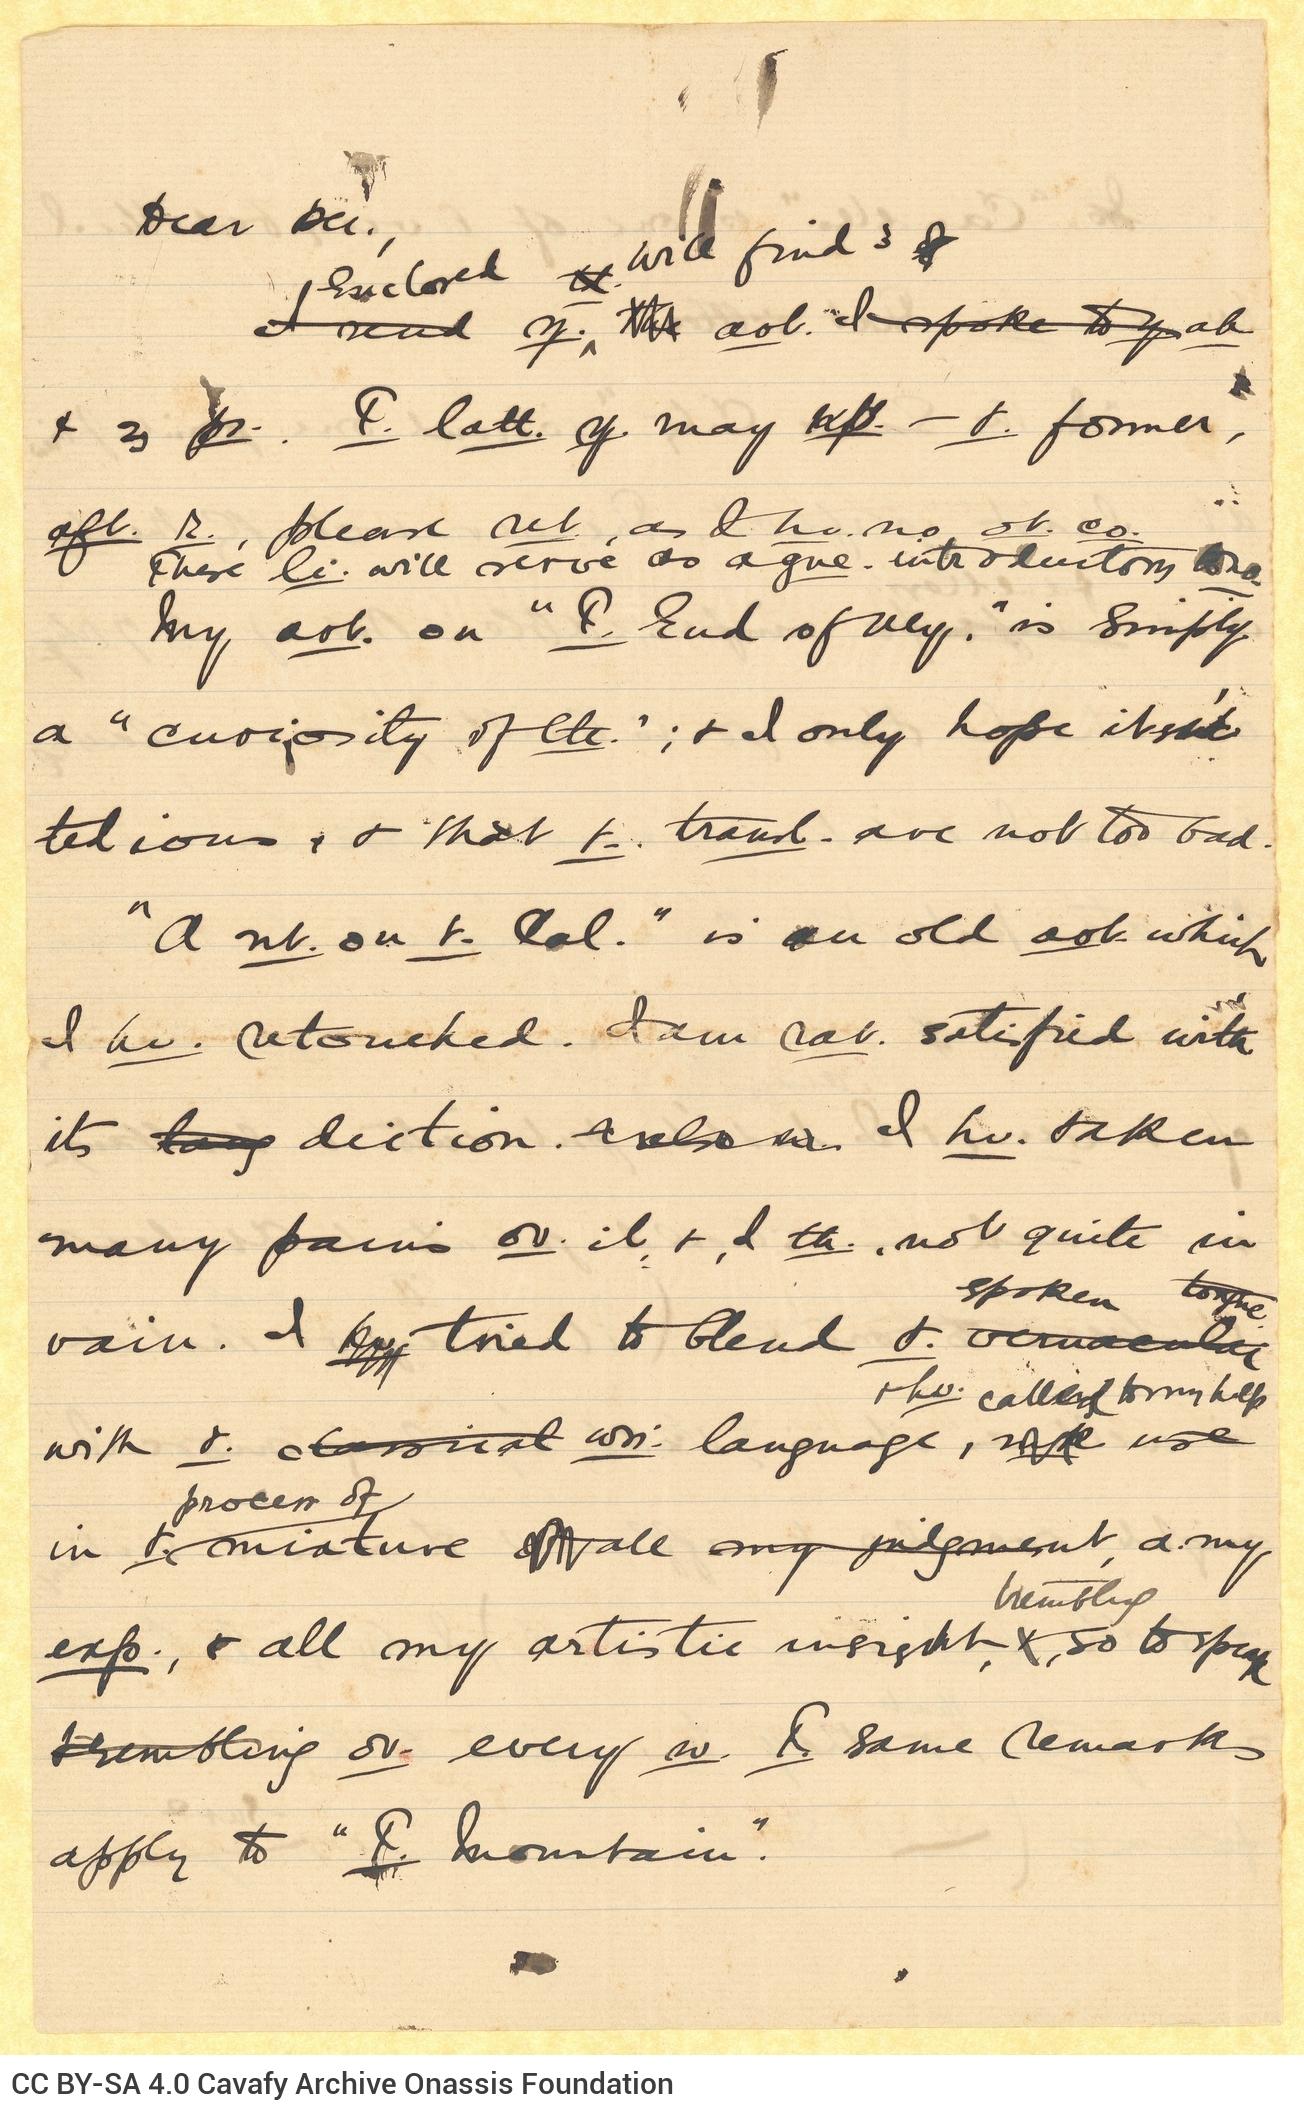 Χειρόγραφο σχέδιο επιστολής του Καβάφη προς παραλήπτη με δυσανάγνω�